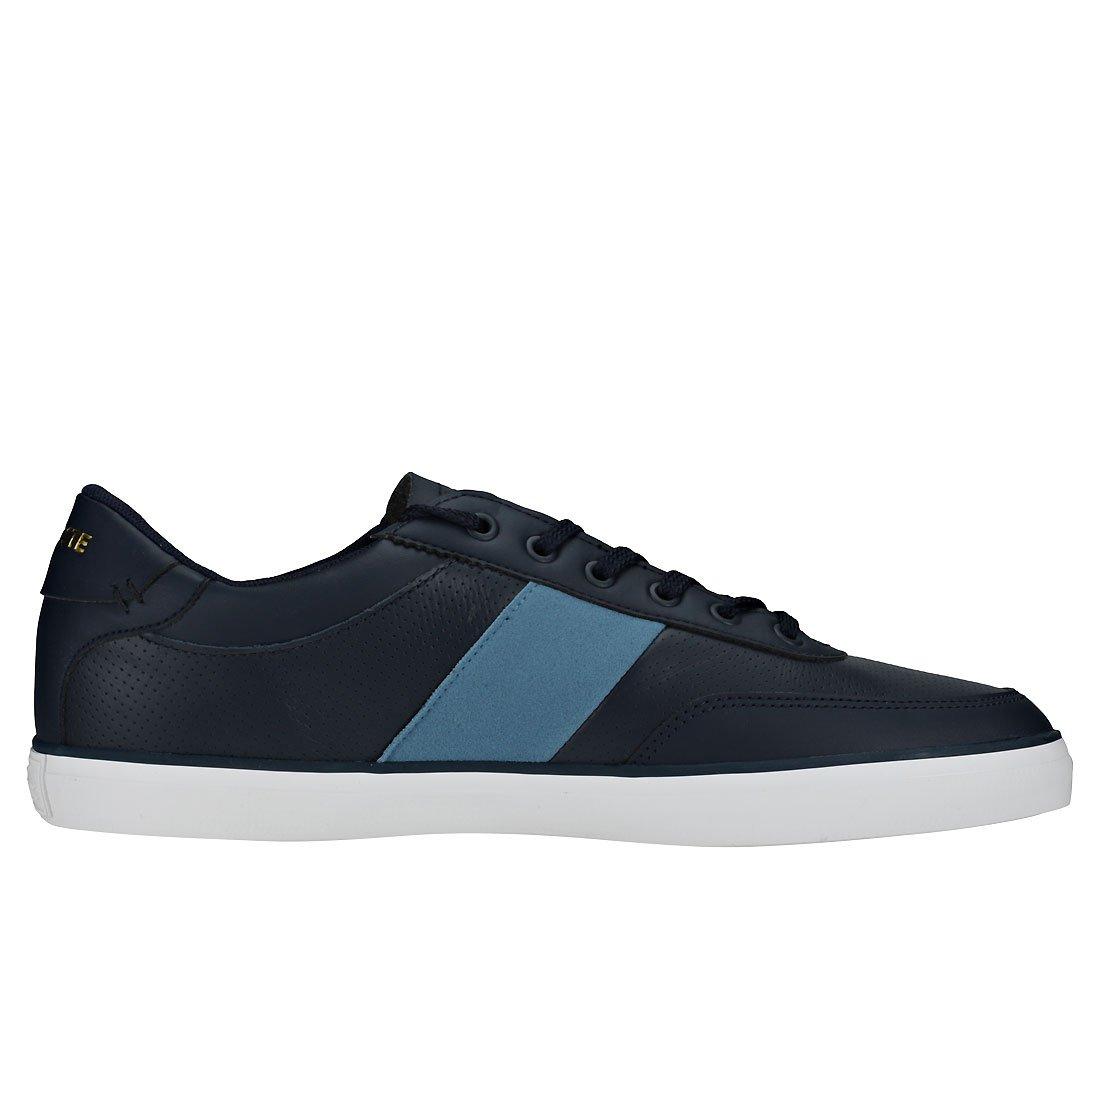 3c66de0b3 Lacoste Court-Master 318 1 Mens Trainers Navy Blue - 11 UK  Amazon.co.uk   Shoes   Bags